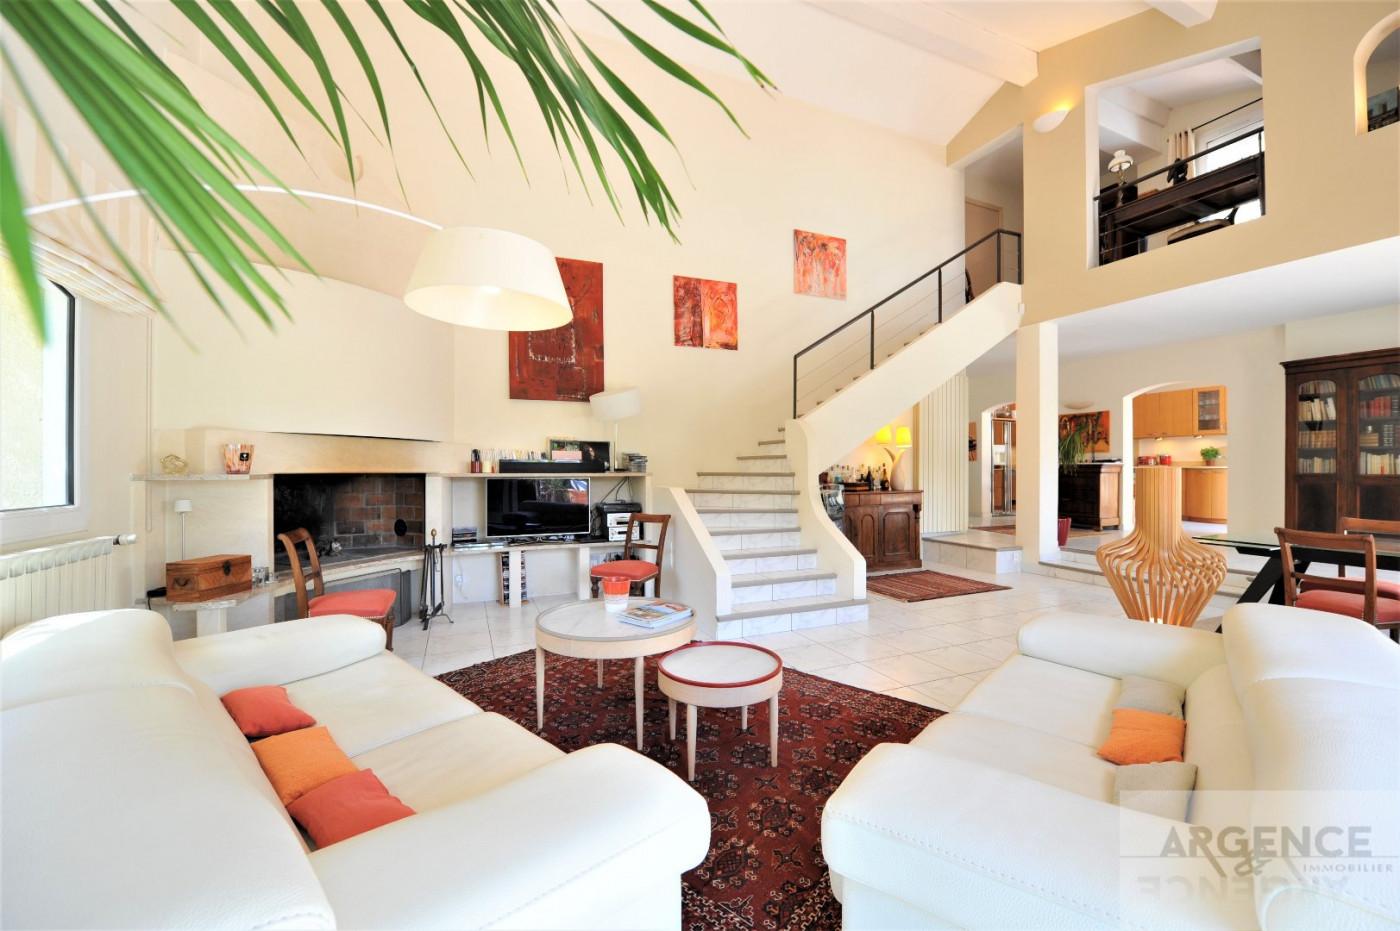 A vendre  Montferrier Sur Lez | Réf 345335753 - Argence immobilier